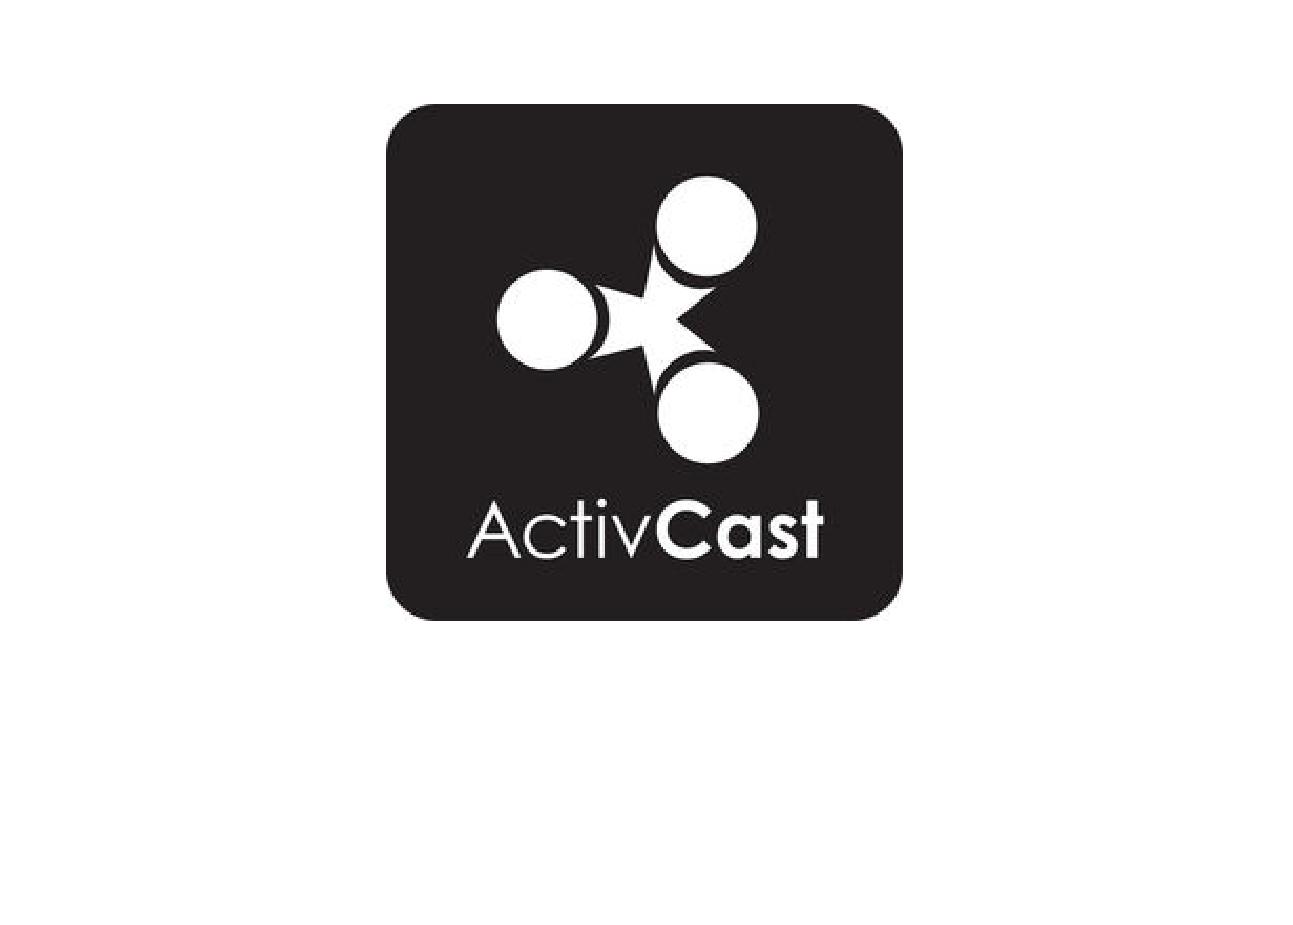 ActivCast